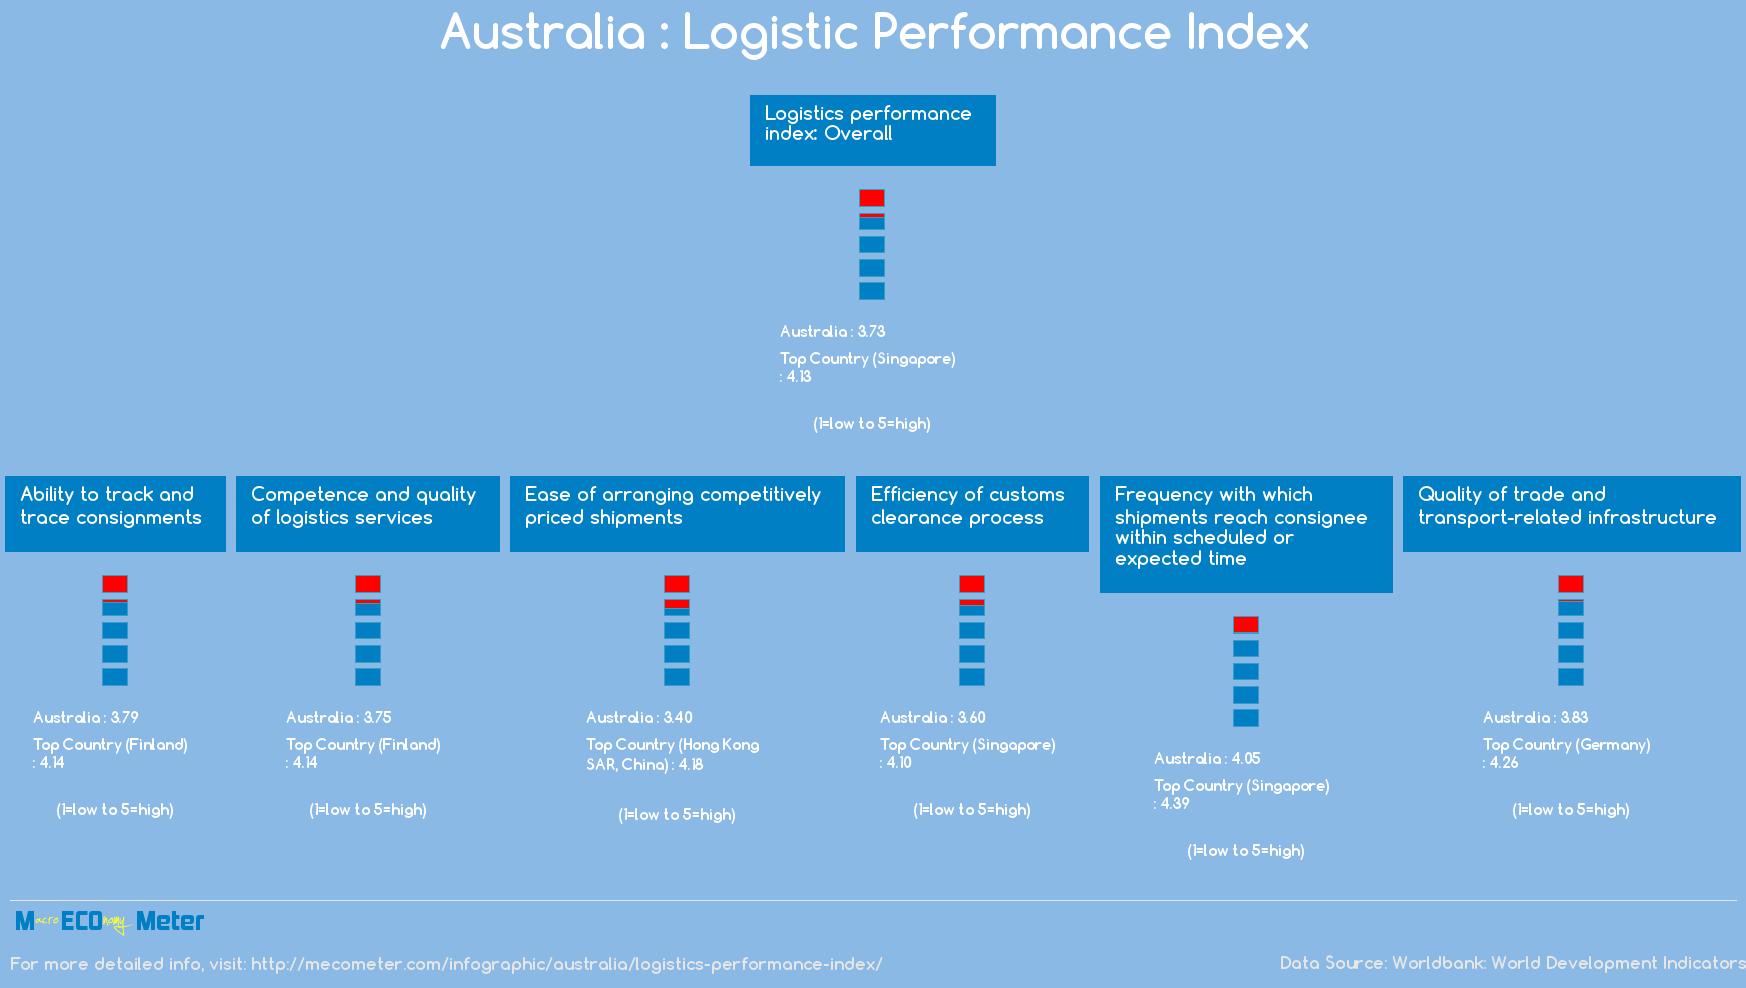 Australia : Logistic Performance Index